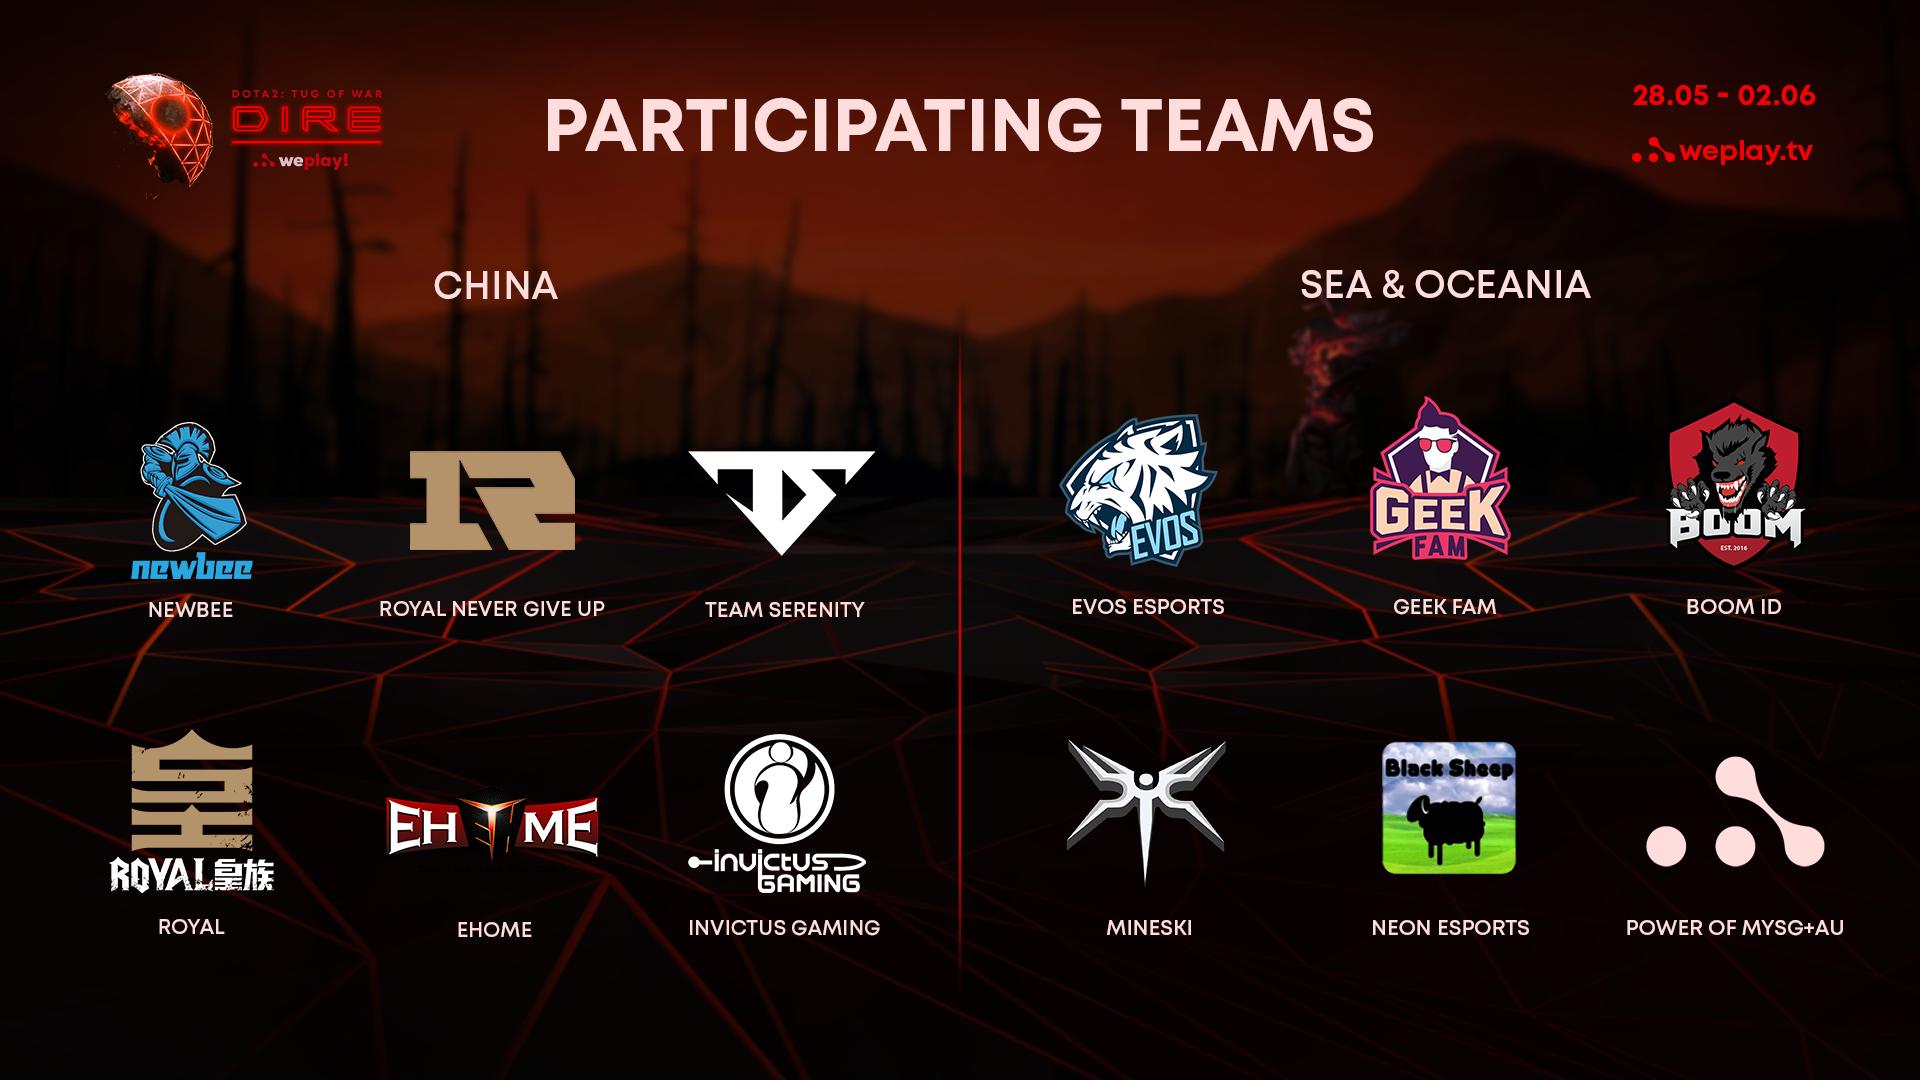 Participating teams